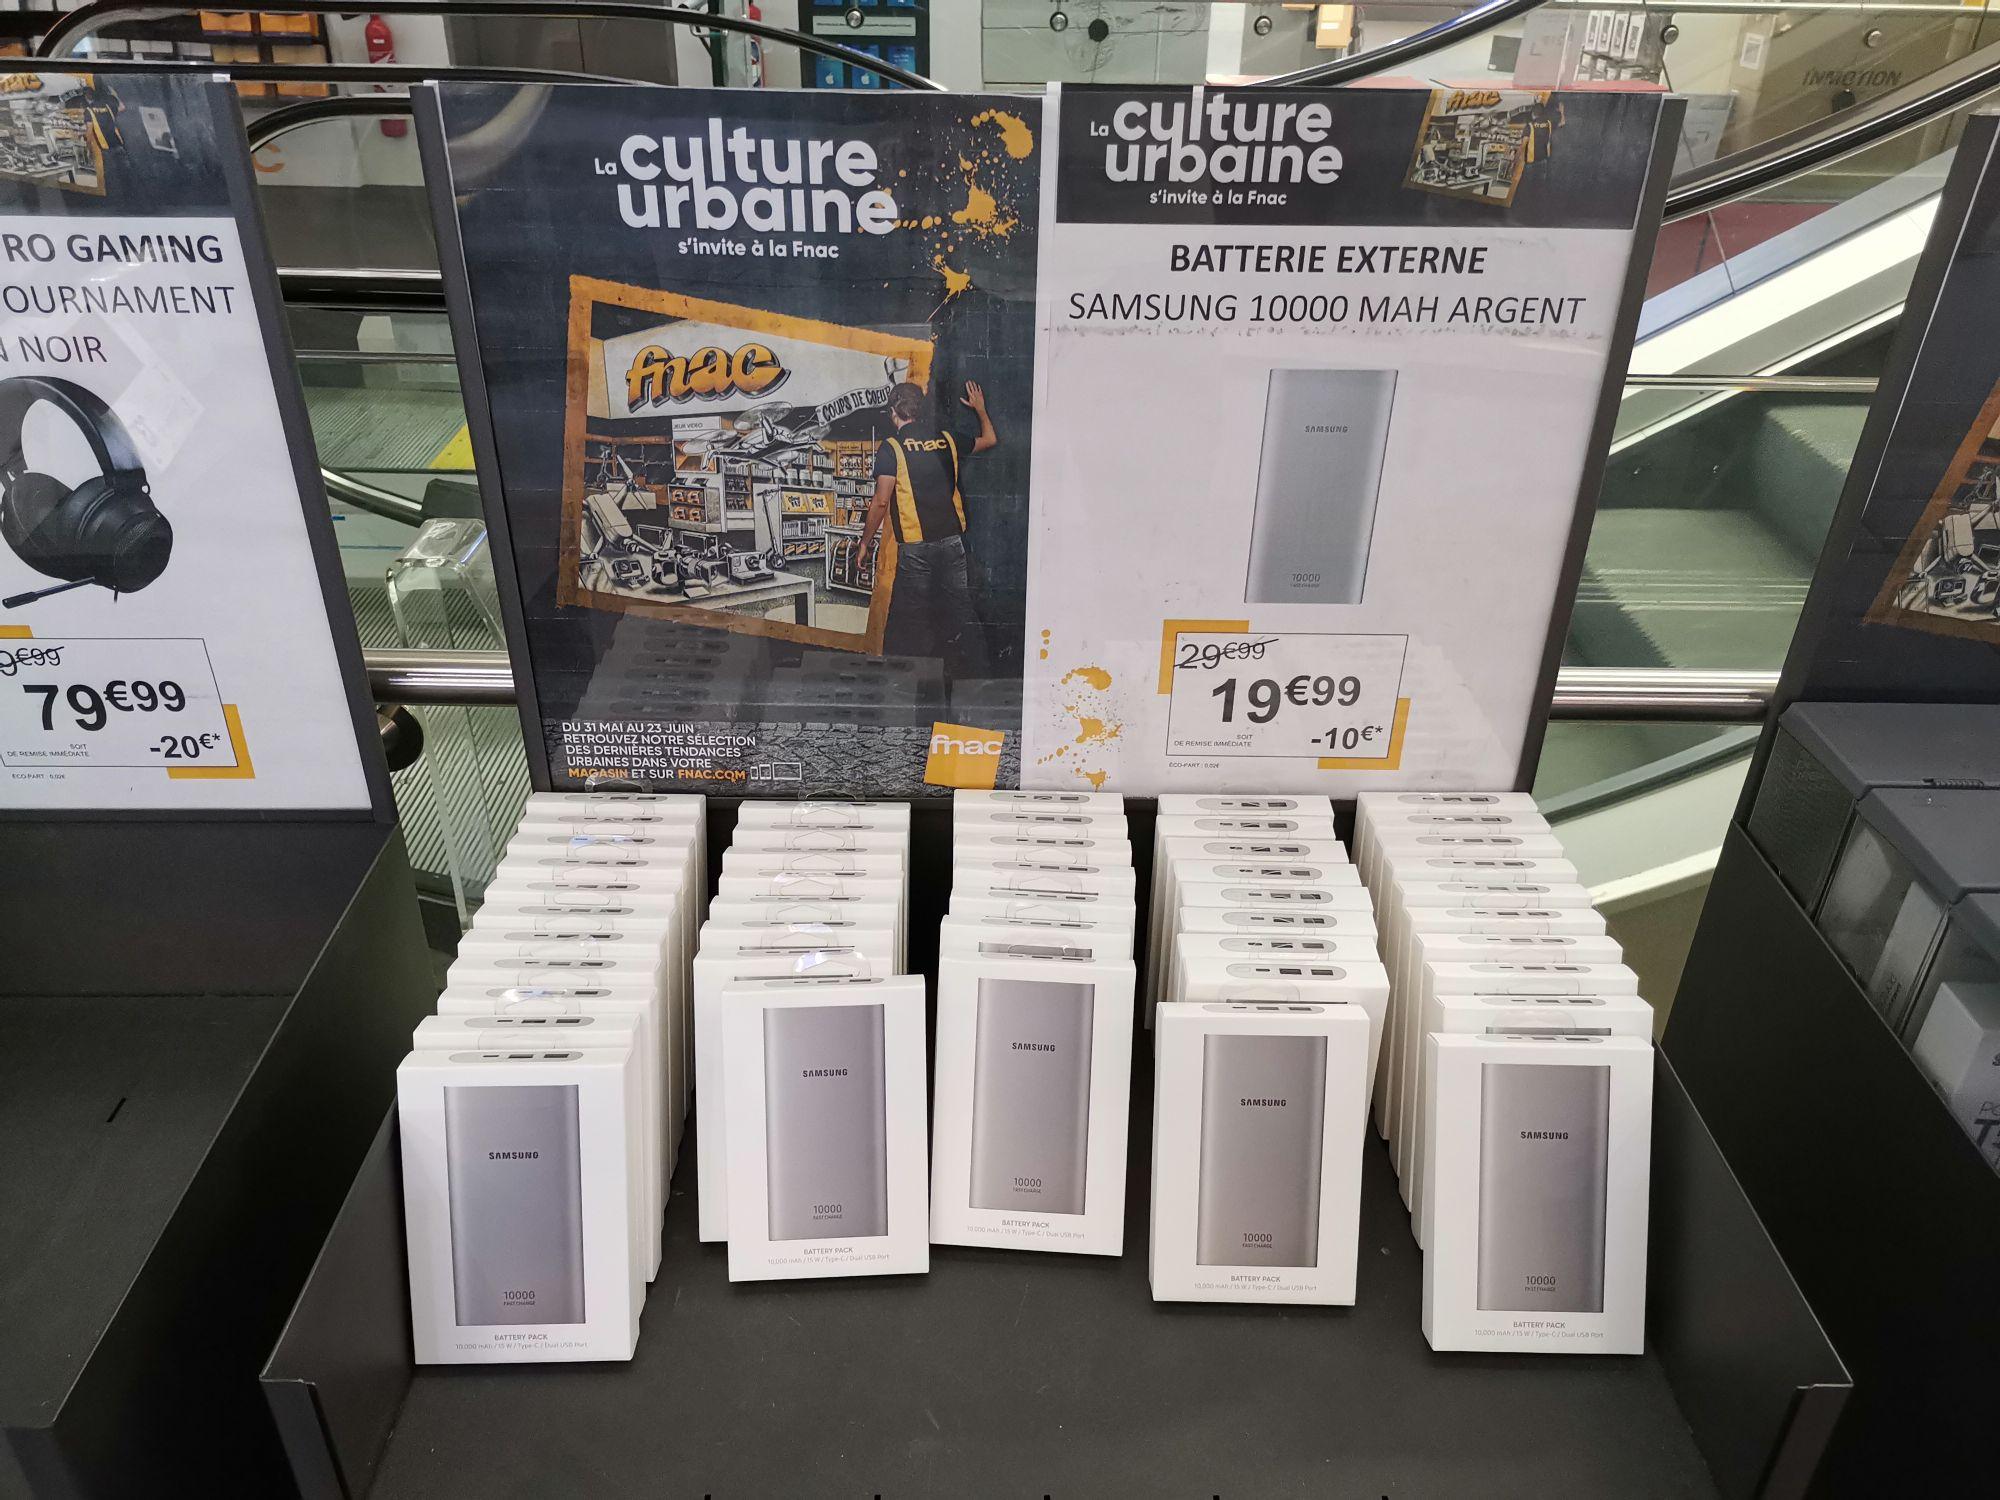 Batterie externe Samsung 10000 mah (EB-P1100CSEGWW)  - La Défense (92)